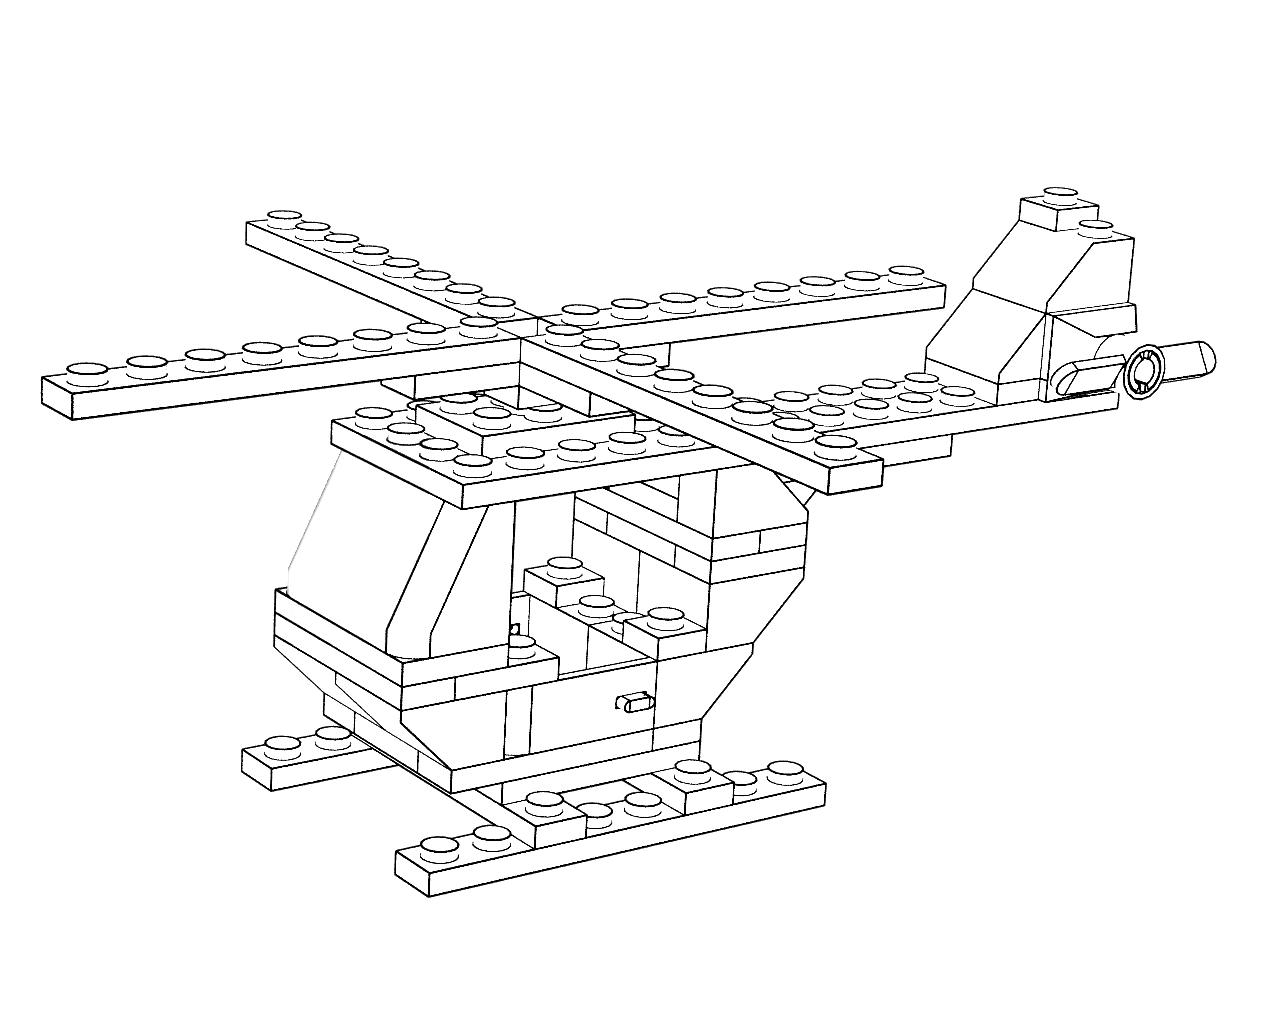 Coloriage Helicoptère #136165 (Transport) - Album de ...